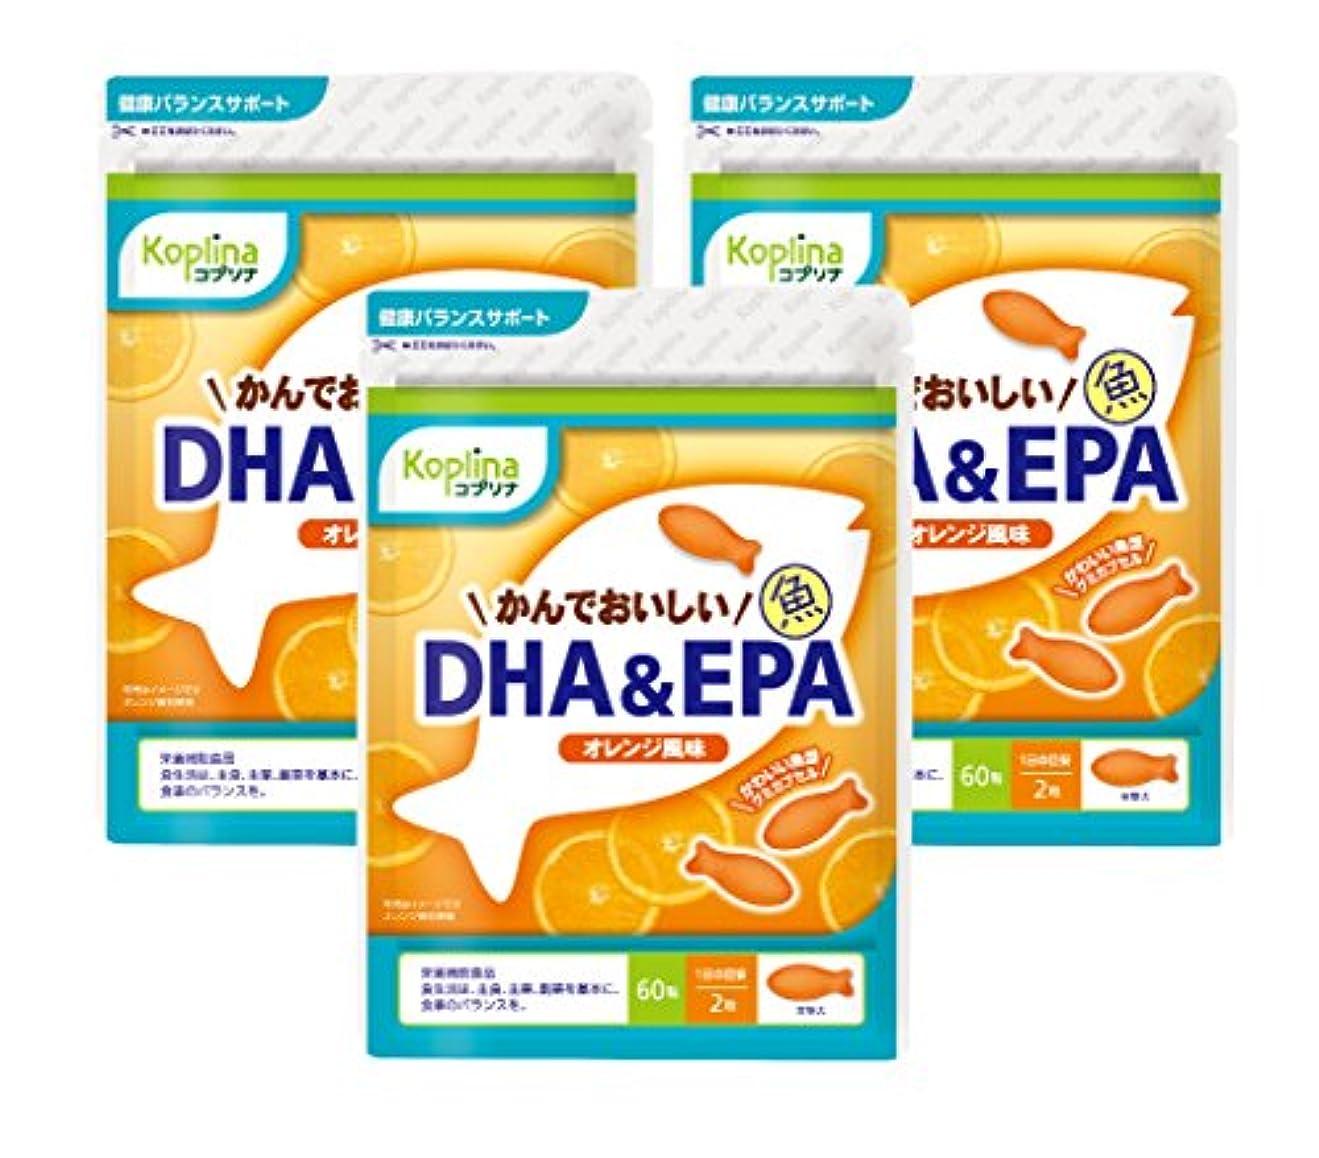 協定粘り強い蓋かんでおいしい魚DHA&EPA 60粒(オレンジ風味)日本国内製造 チュアブルタイプ (1) (3)